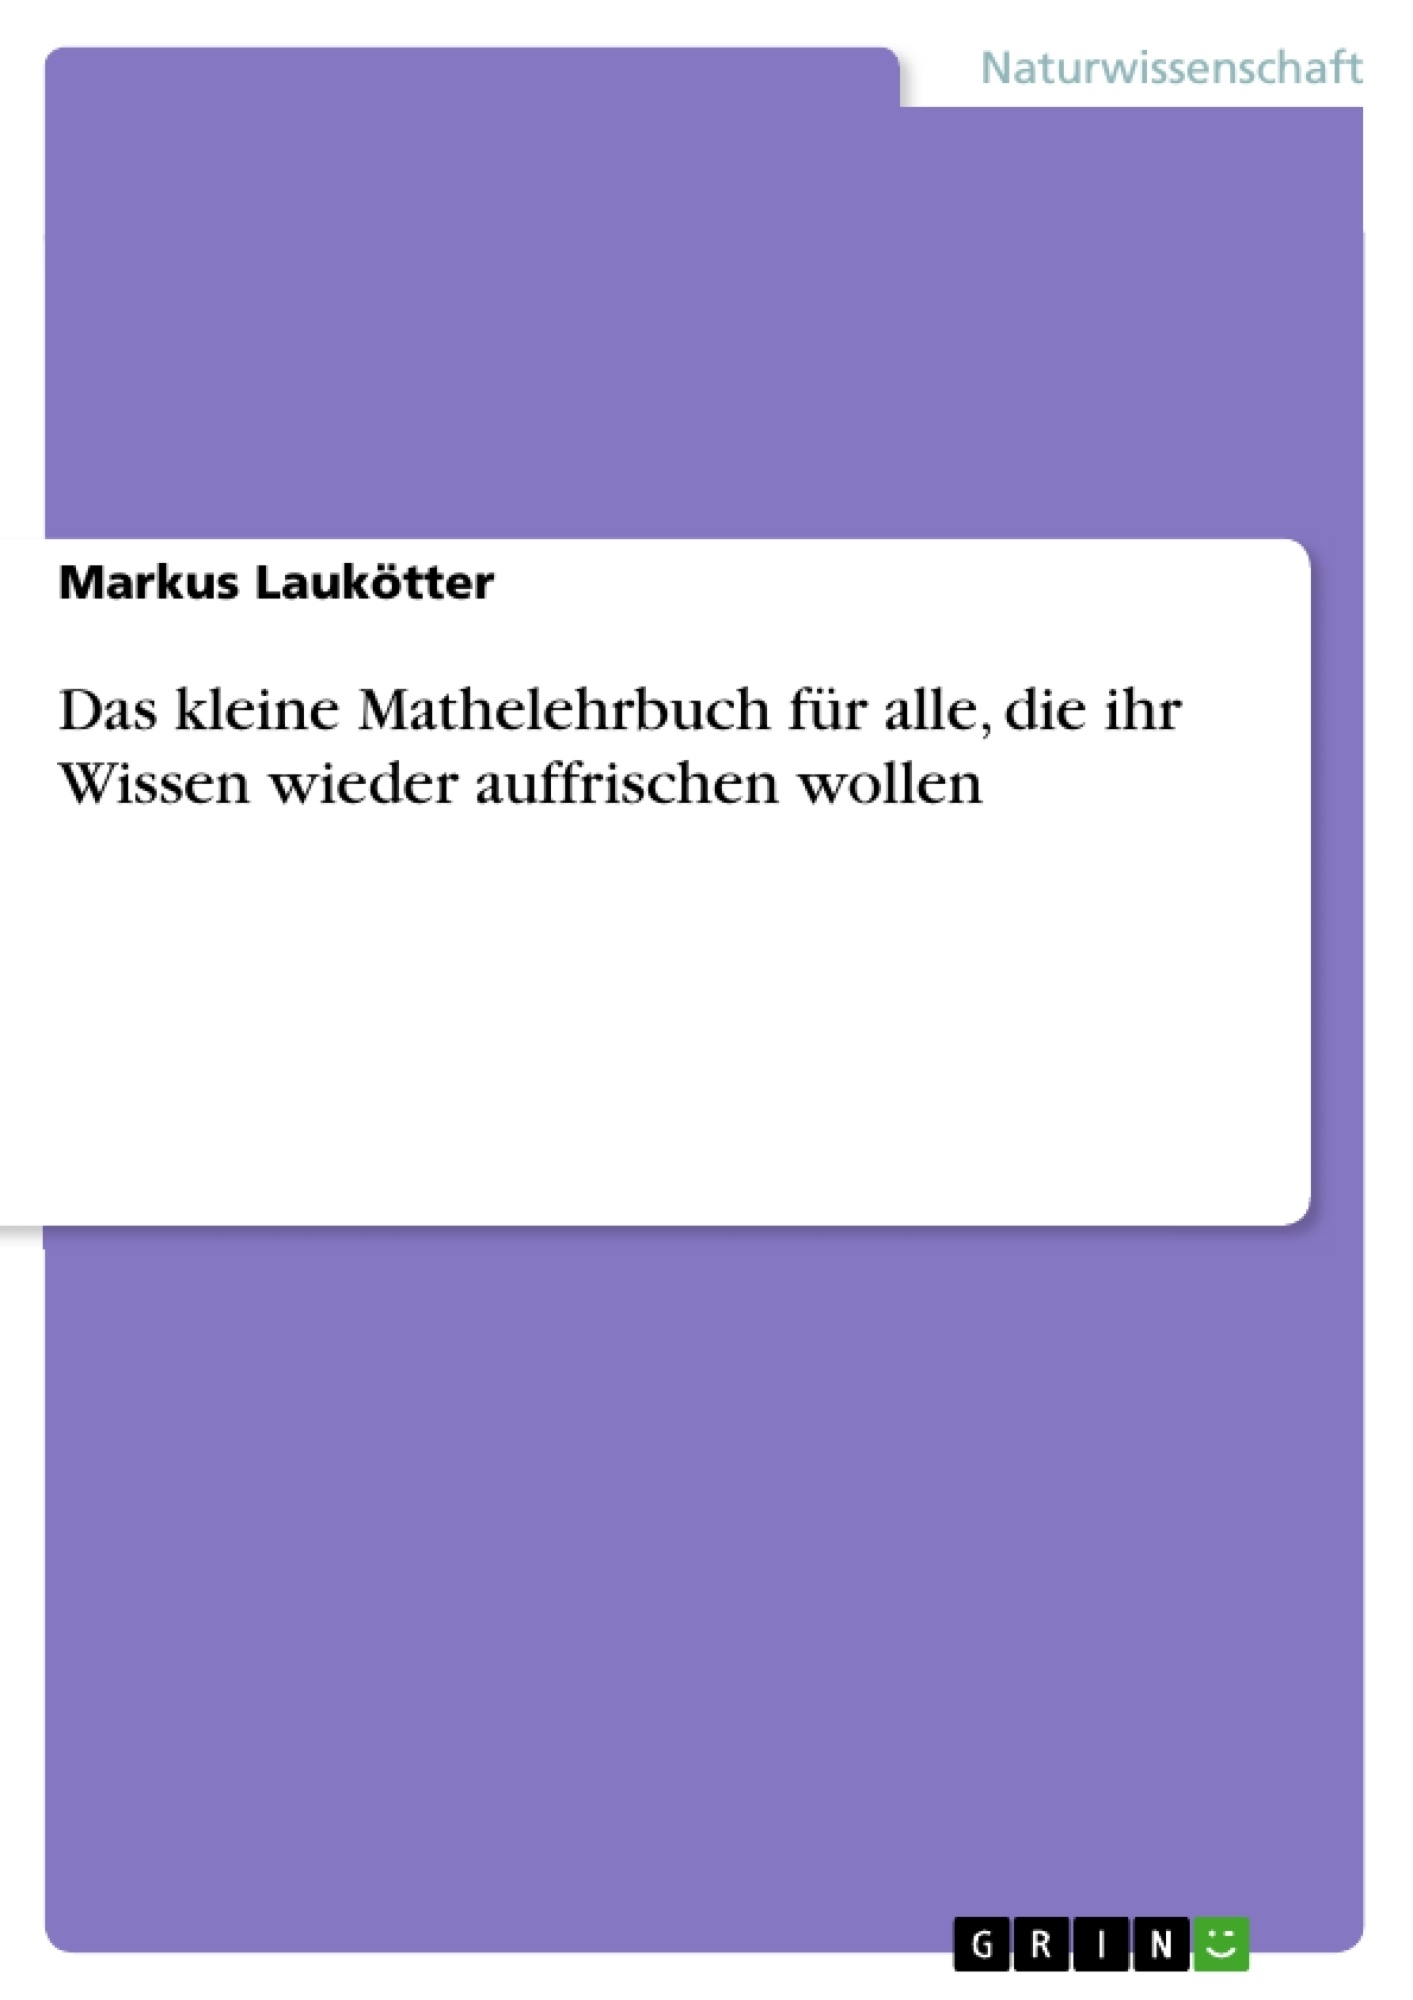 Titel: Das kleine Mathelehrbuch für alle, die ihr Wissen wieder auffrischen wollen